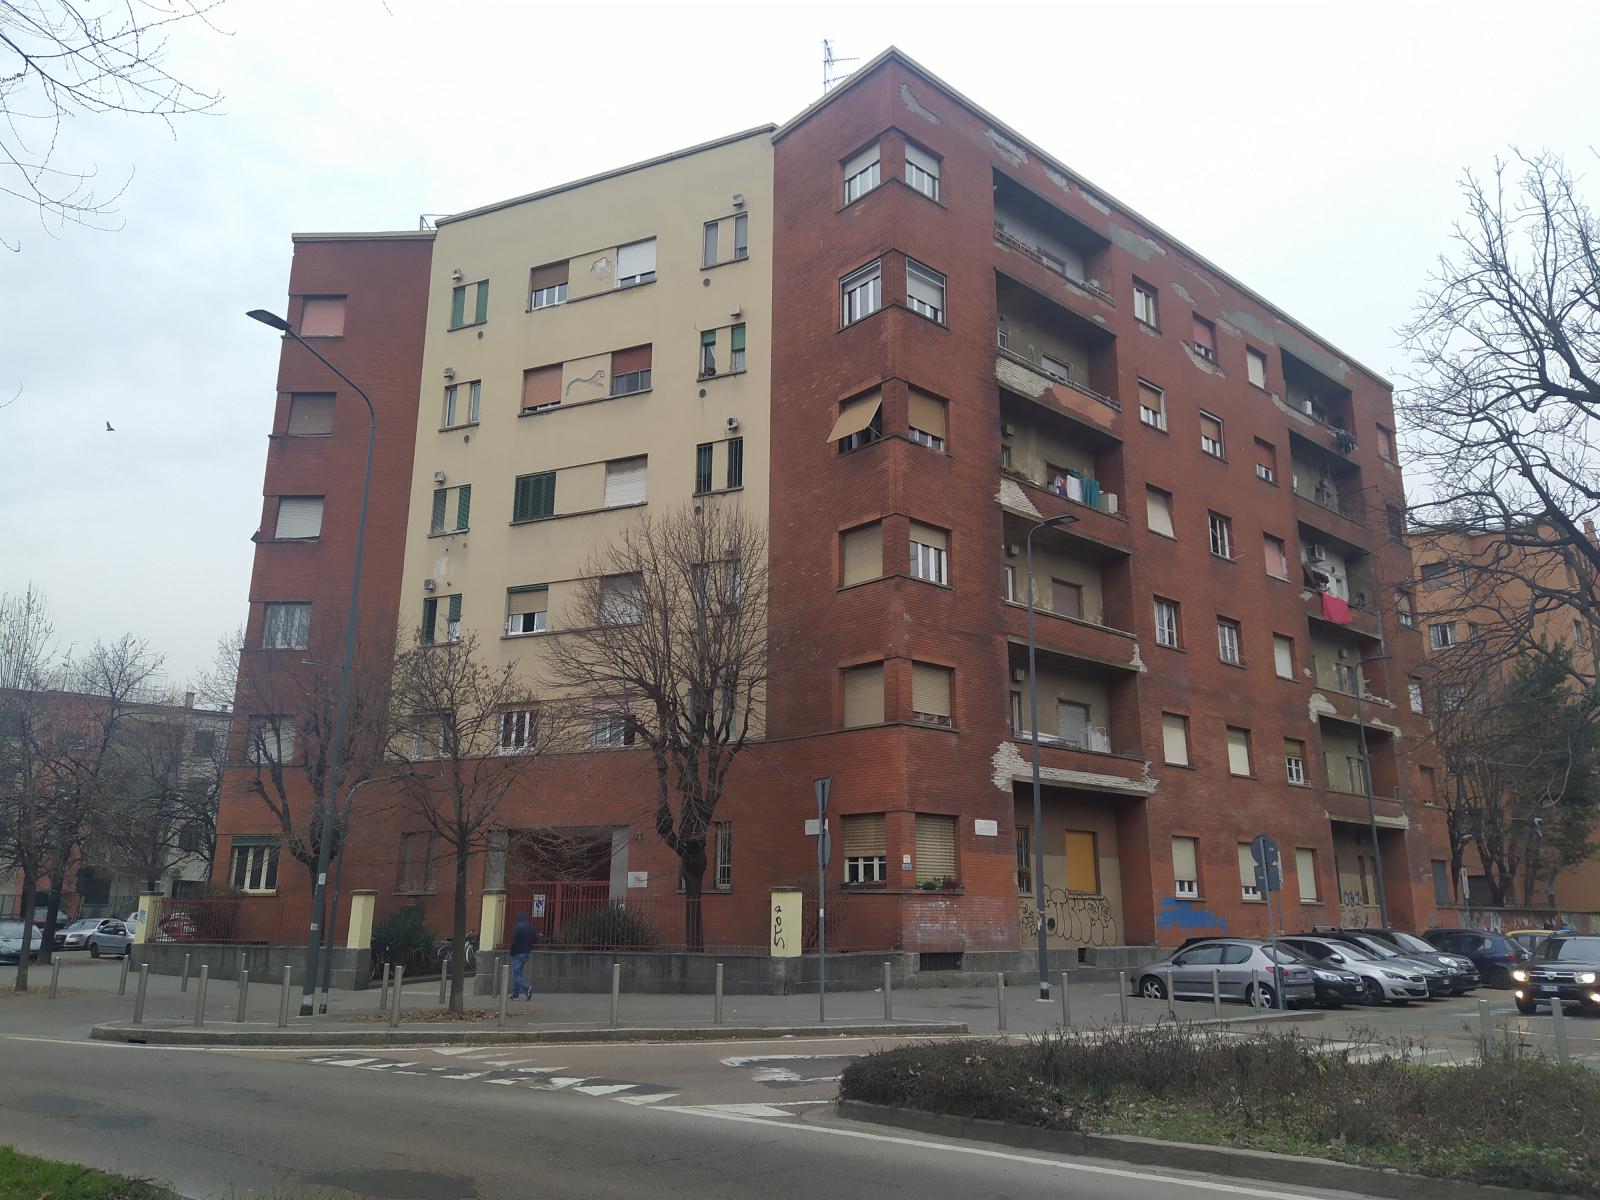 appartamento-in-vendita-piazza-seminunte-tre-locali-milano-da-ristrutturare-spaziourbano-immobiliare-dove-trovi-casa-2